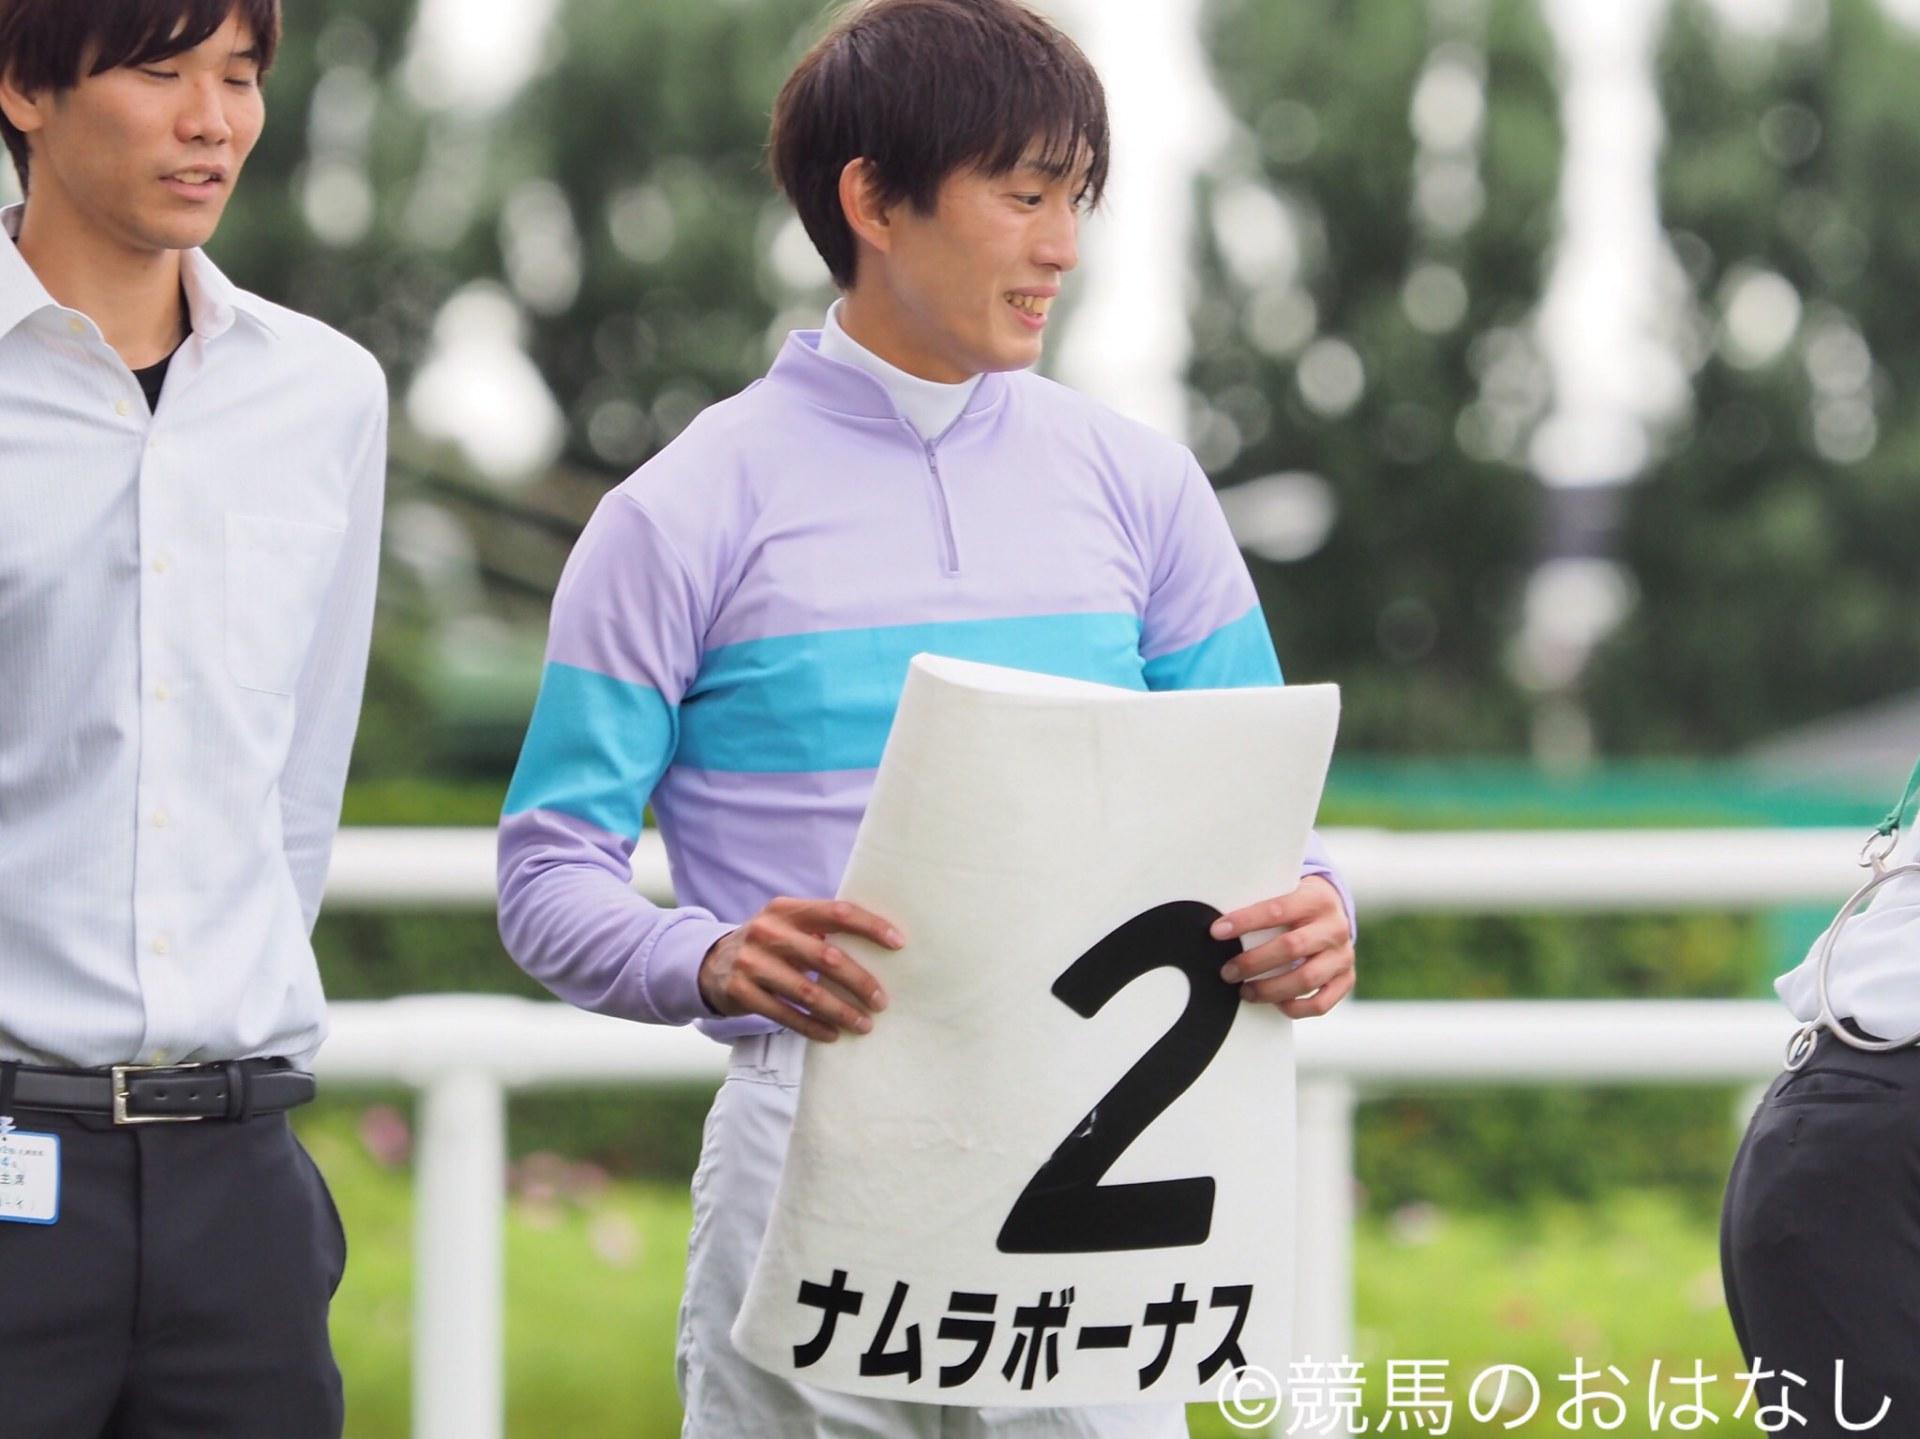 【札幌/2歳新馬】藤岡康「素直で乗りやすい」ナムラボーナス逃げ切り